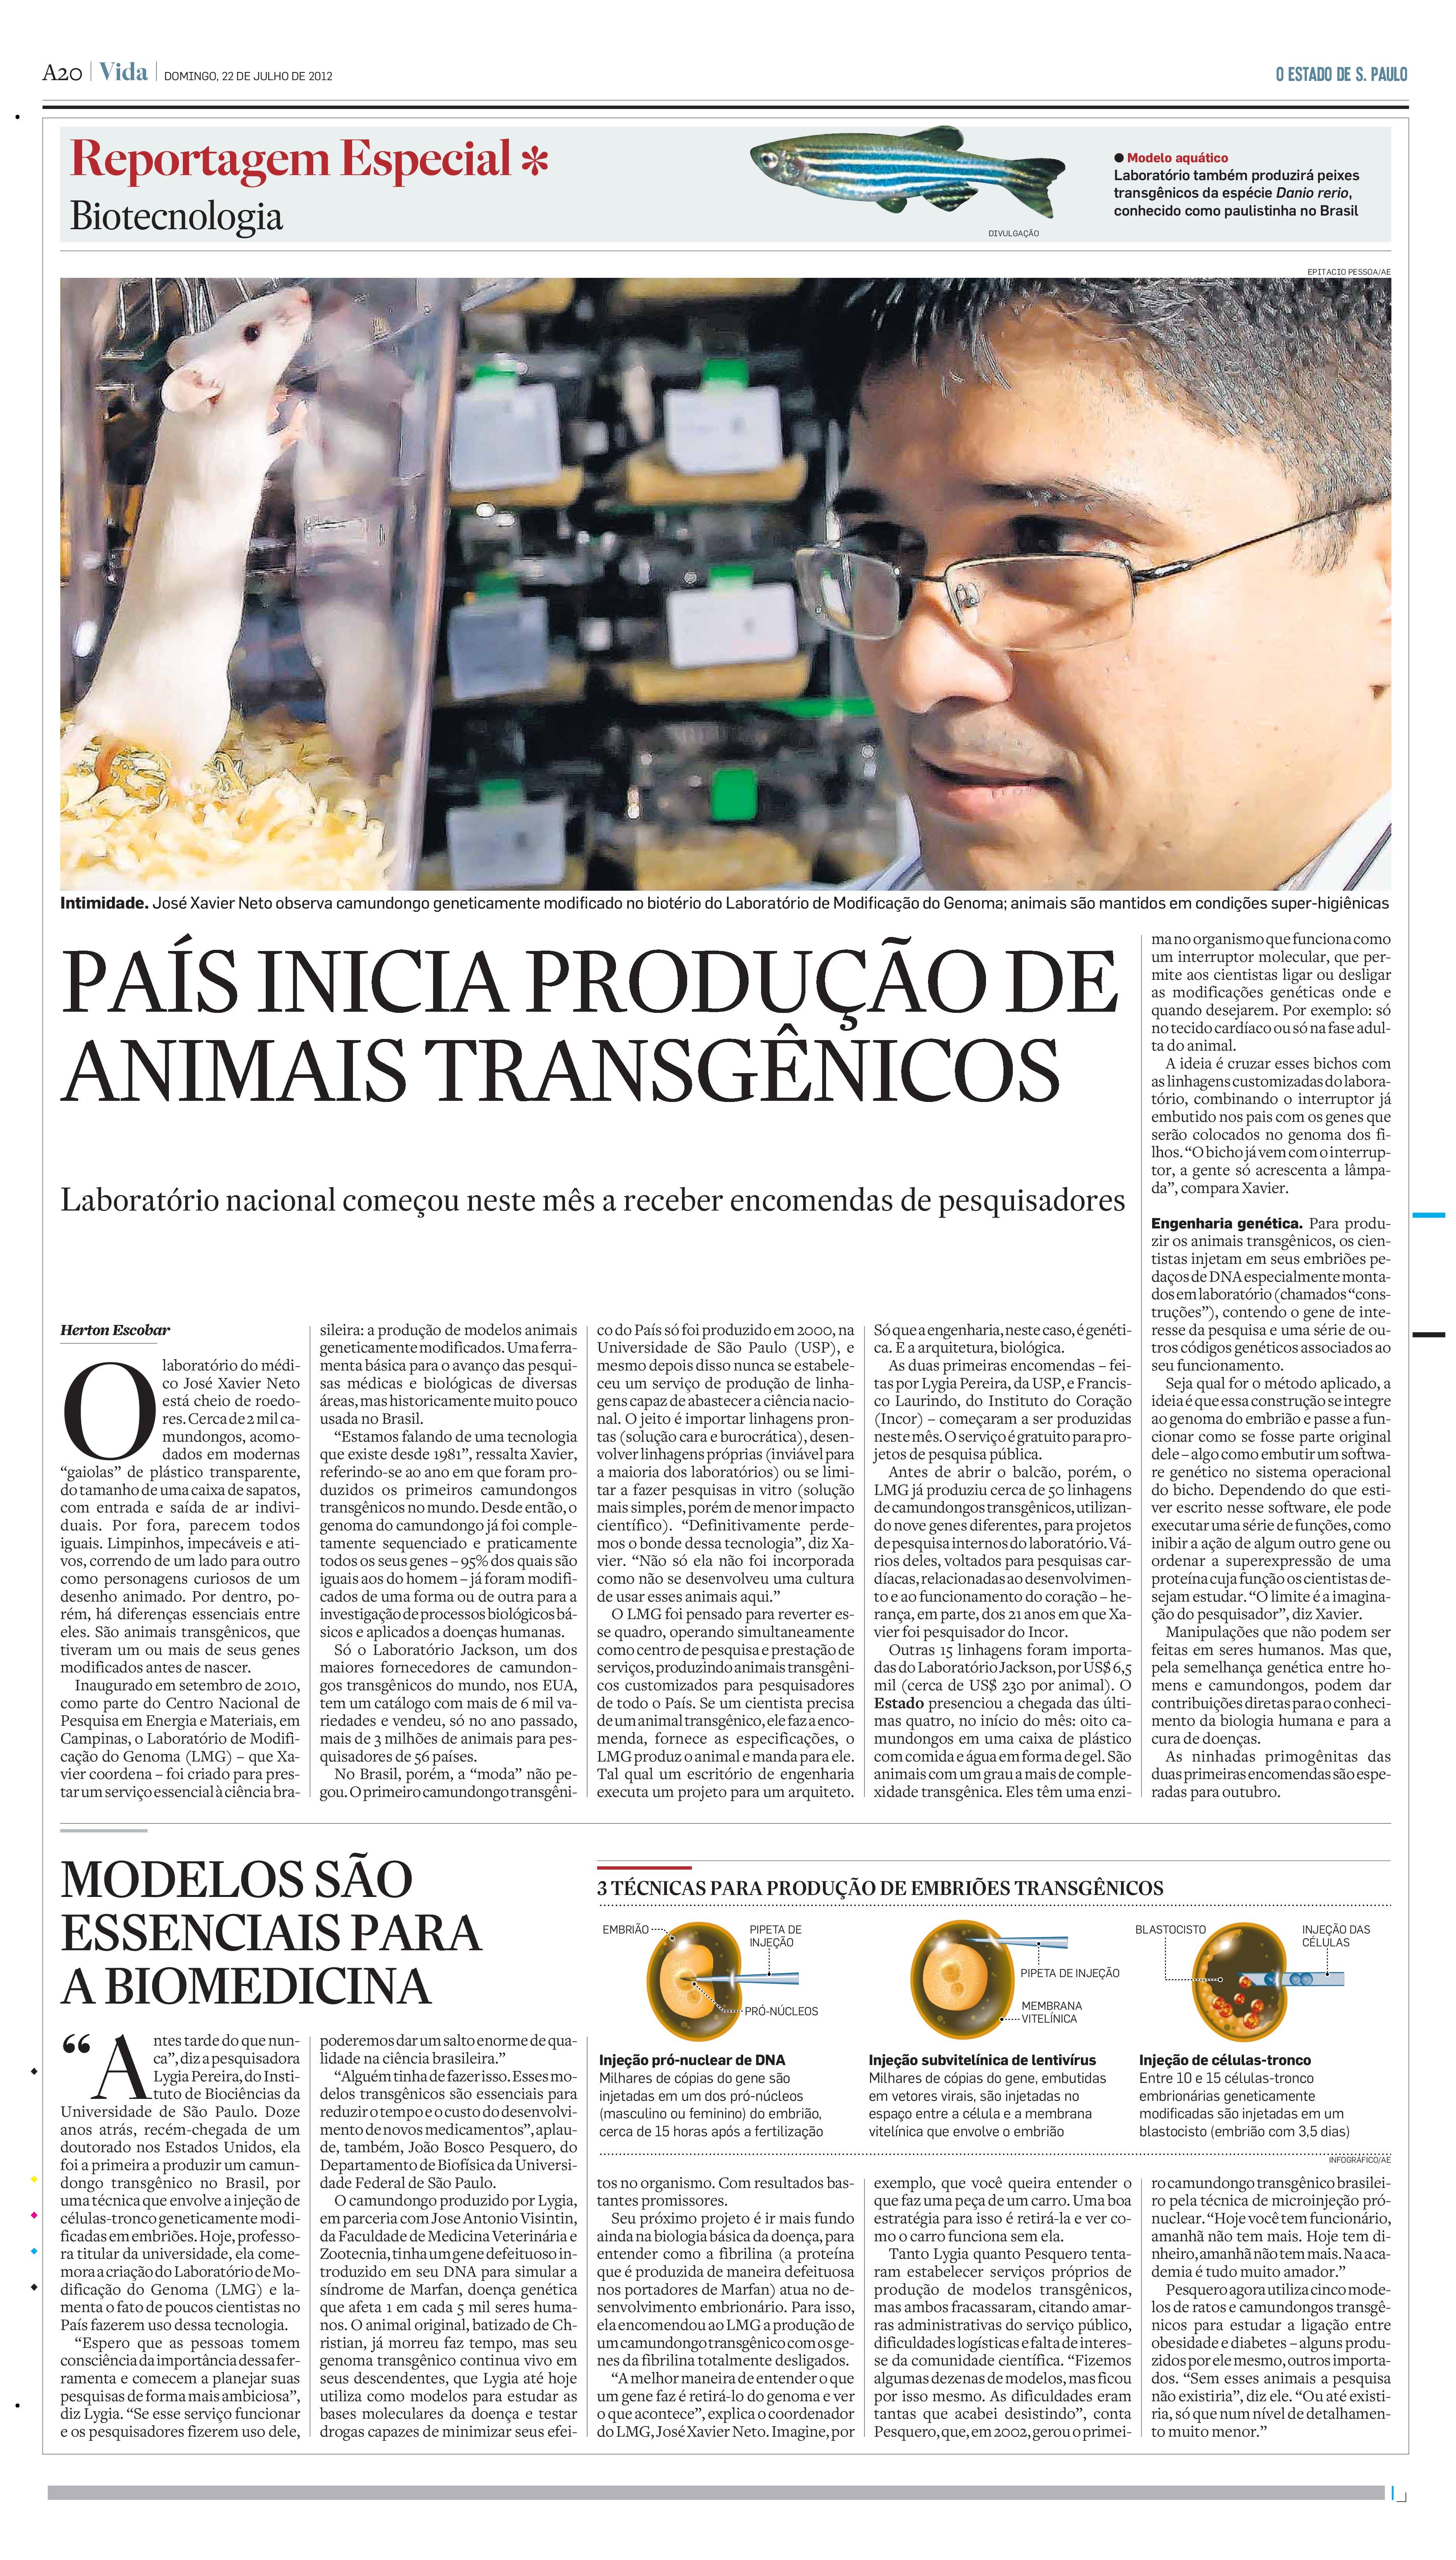 Brasil inicia produção de animais transgênicos